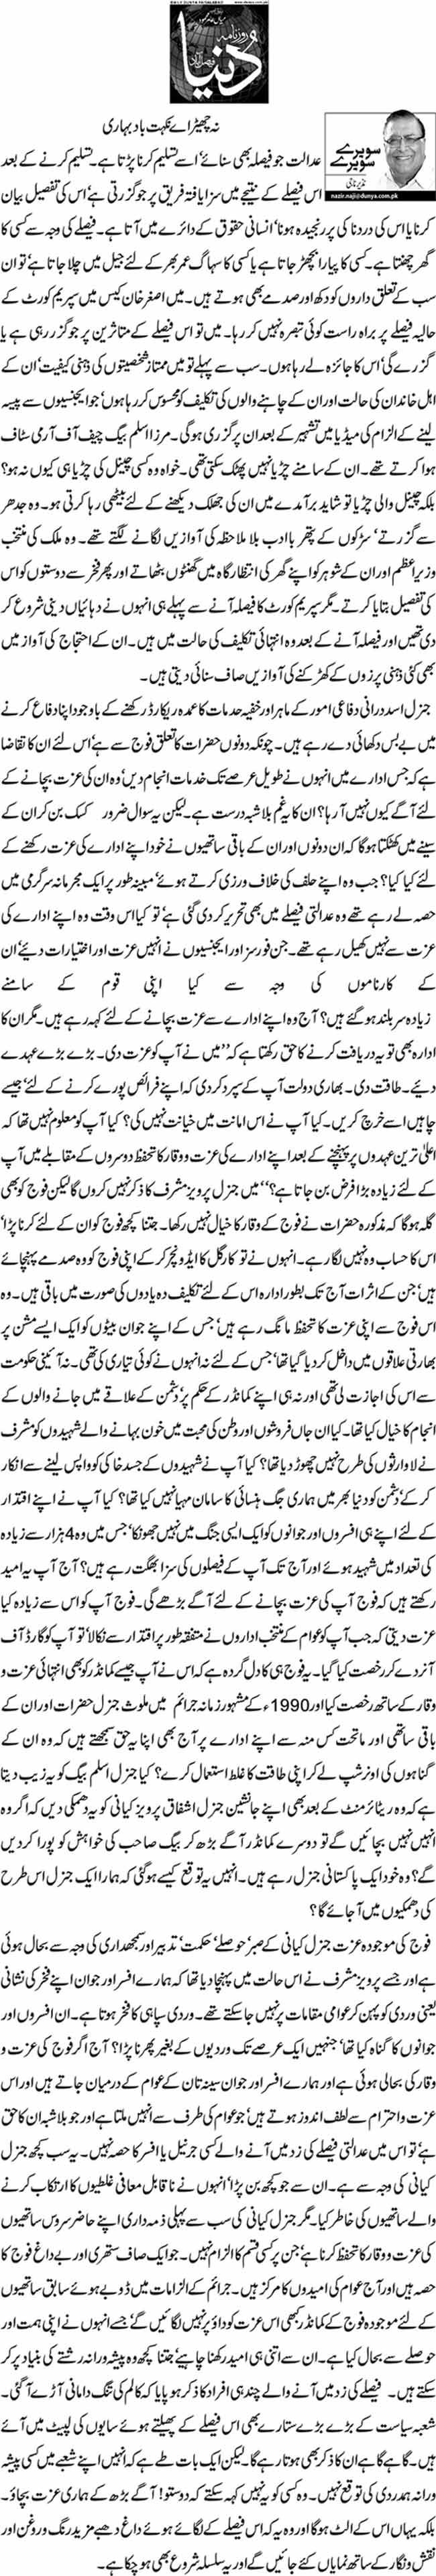 Na chair aye nakahat baad bahadri - Nazeer Naji